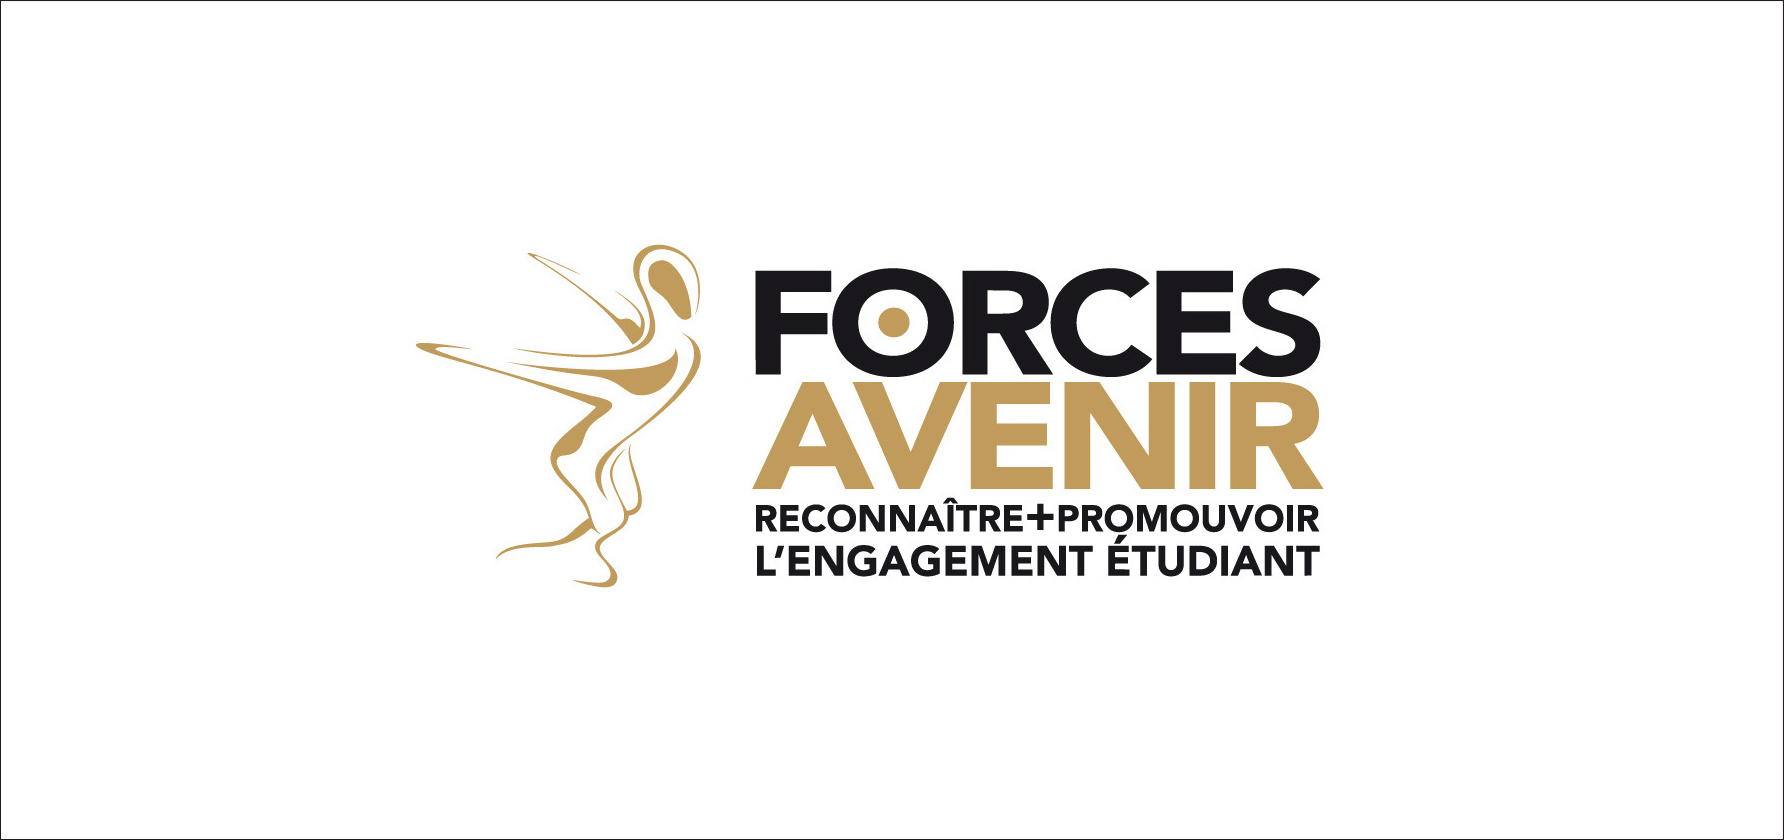 Forces-Avenir 2018-09-26